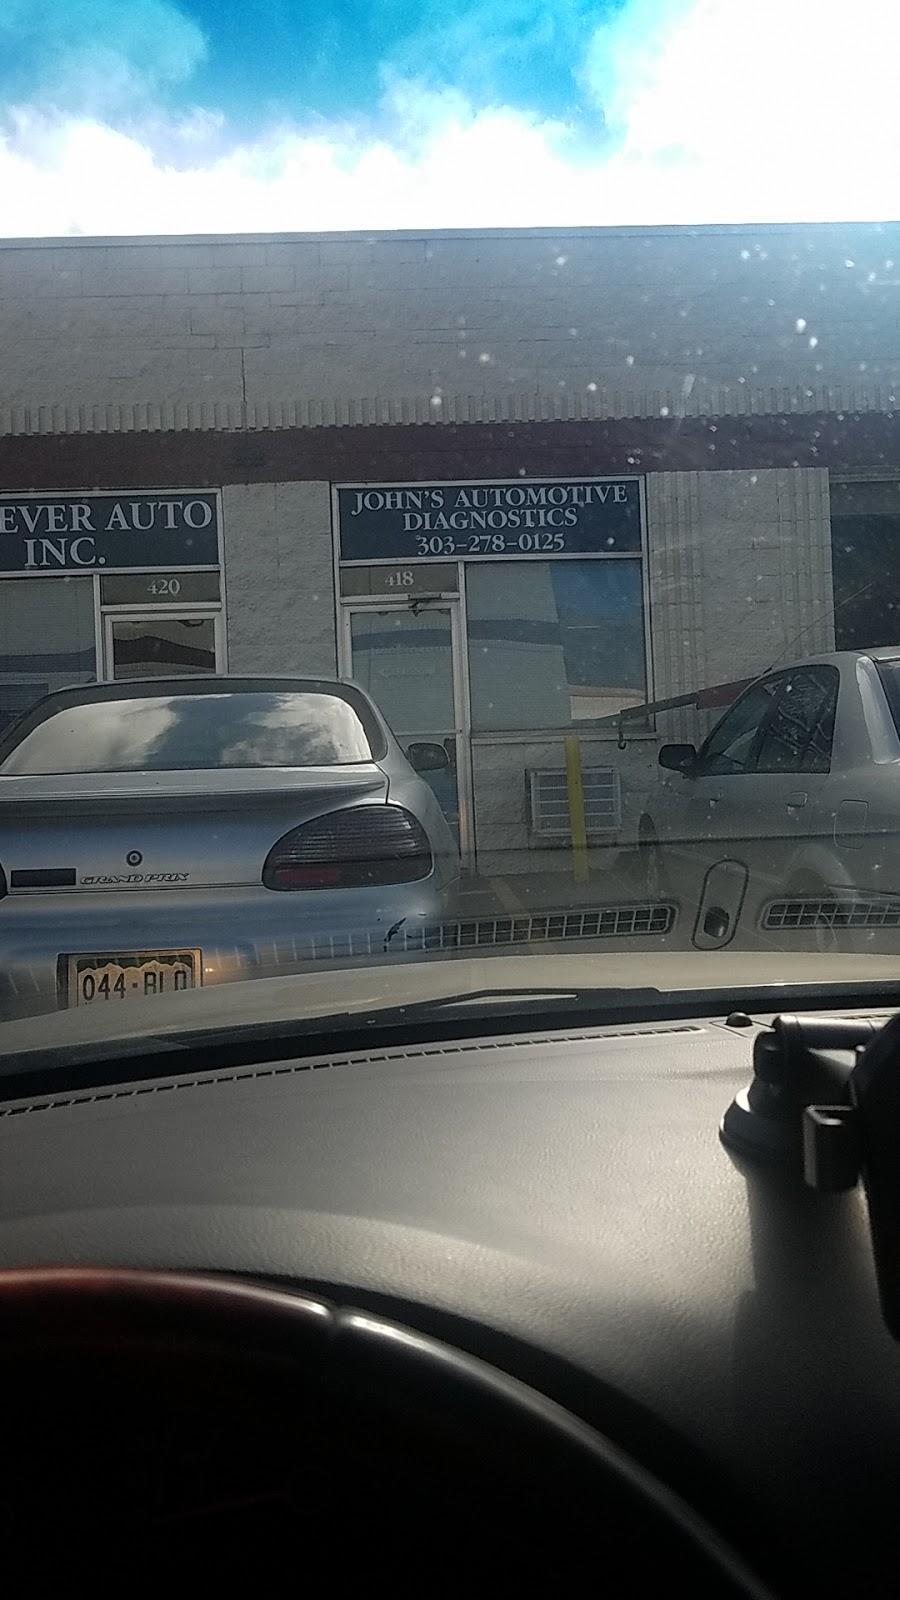 John's Automotive Diagnostics/ forever auto